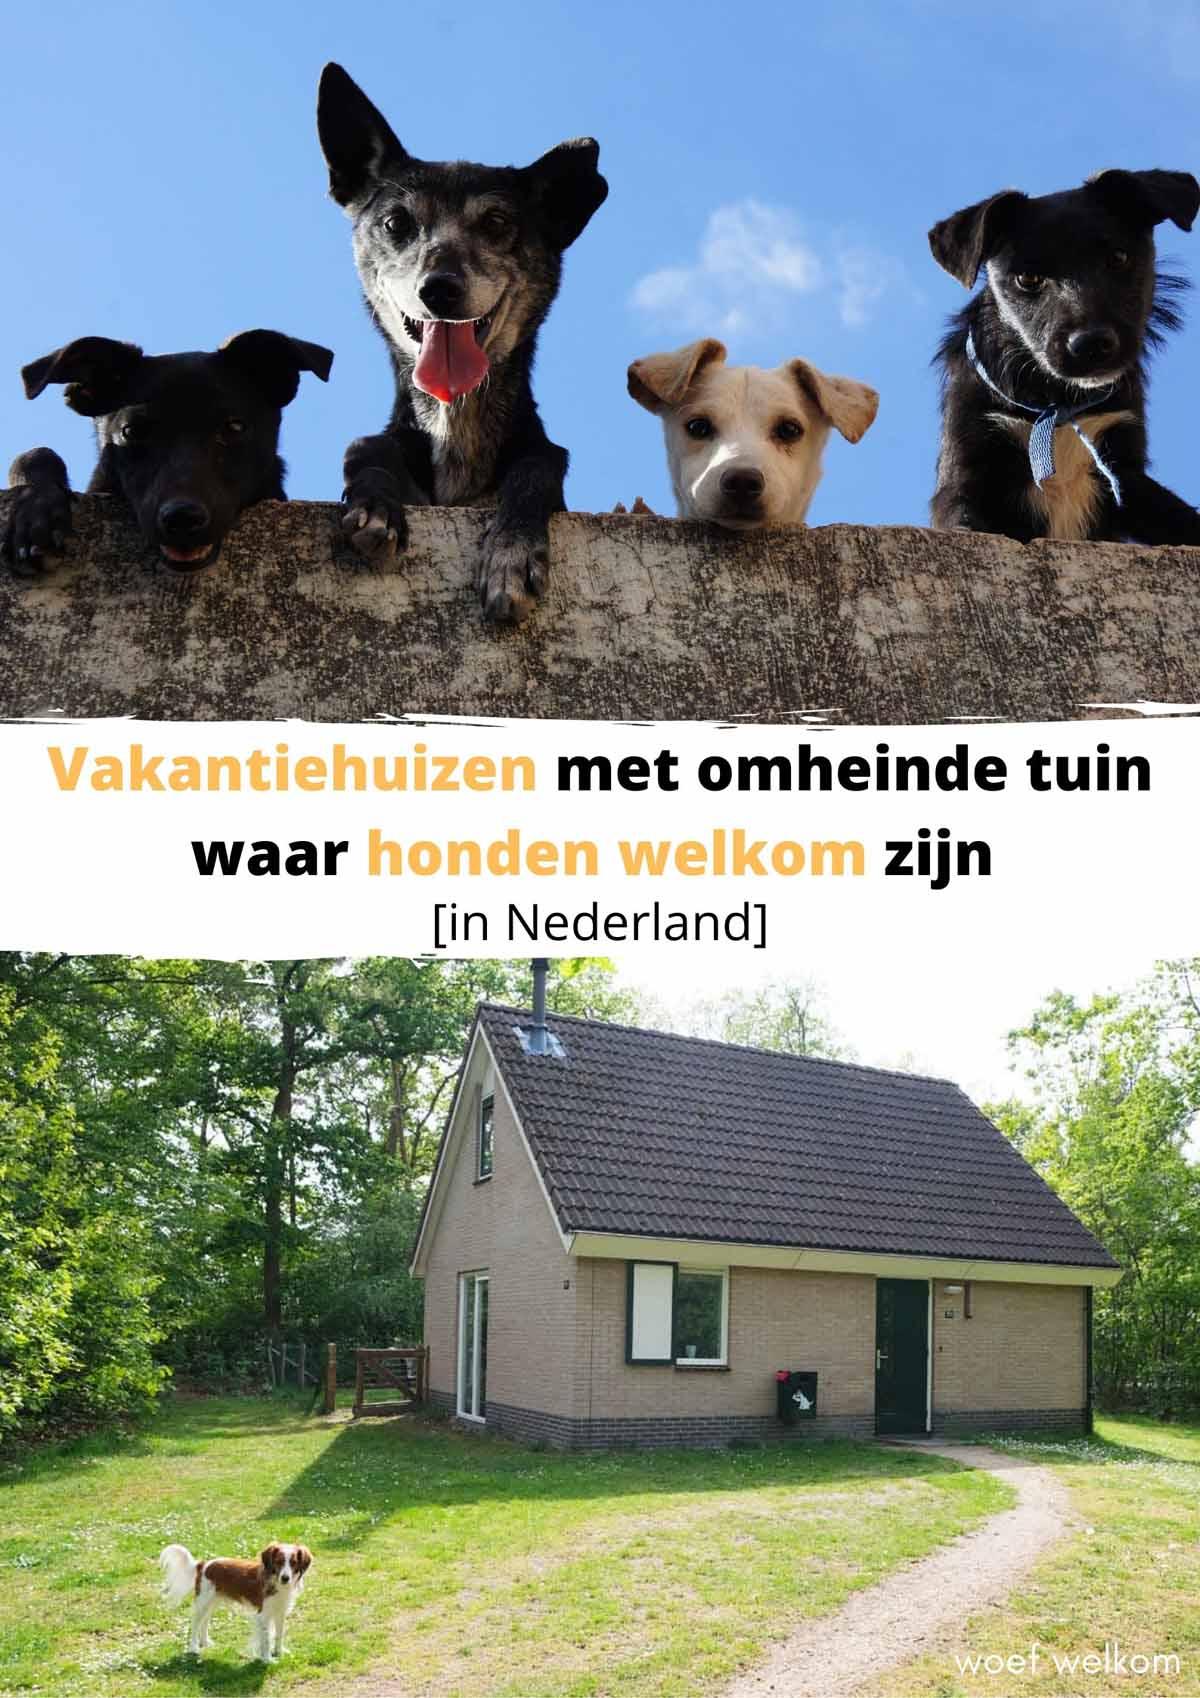 Vakantiehuizen met omheinde tuin waar honden welkom zijn [in Nederland]